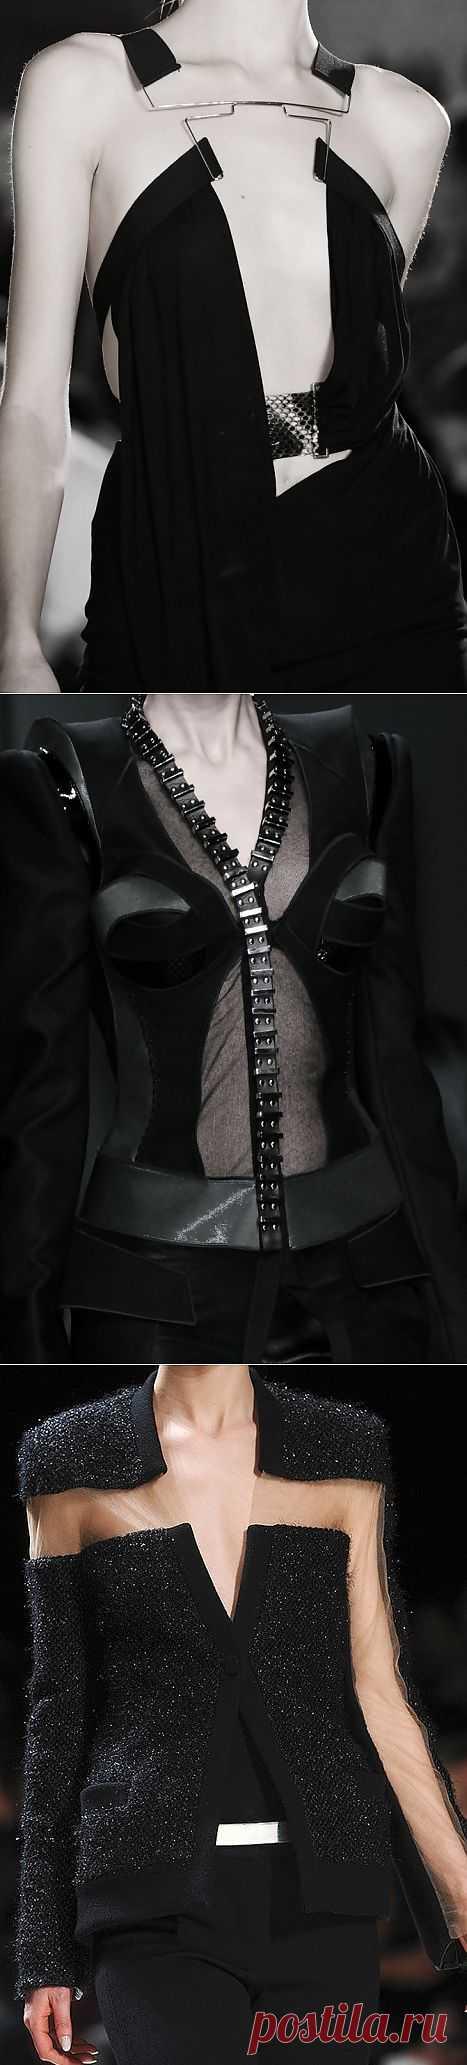 Платье на скрепке +2 / Детали / Модный сайт о стильной переделке одежды и интерьера